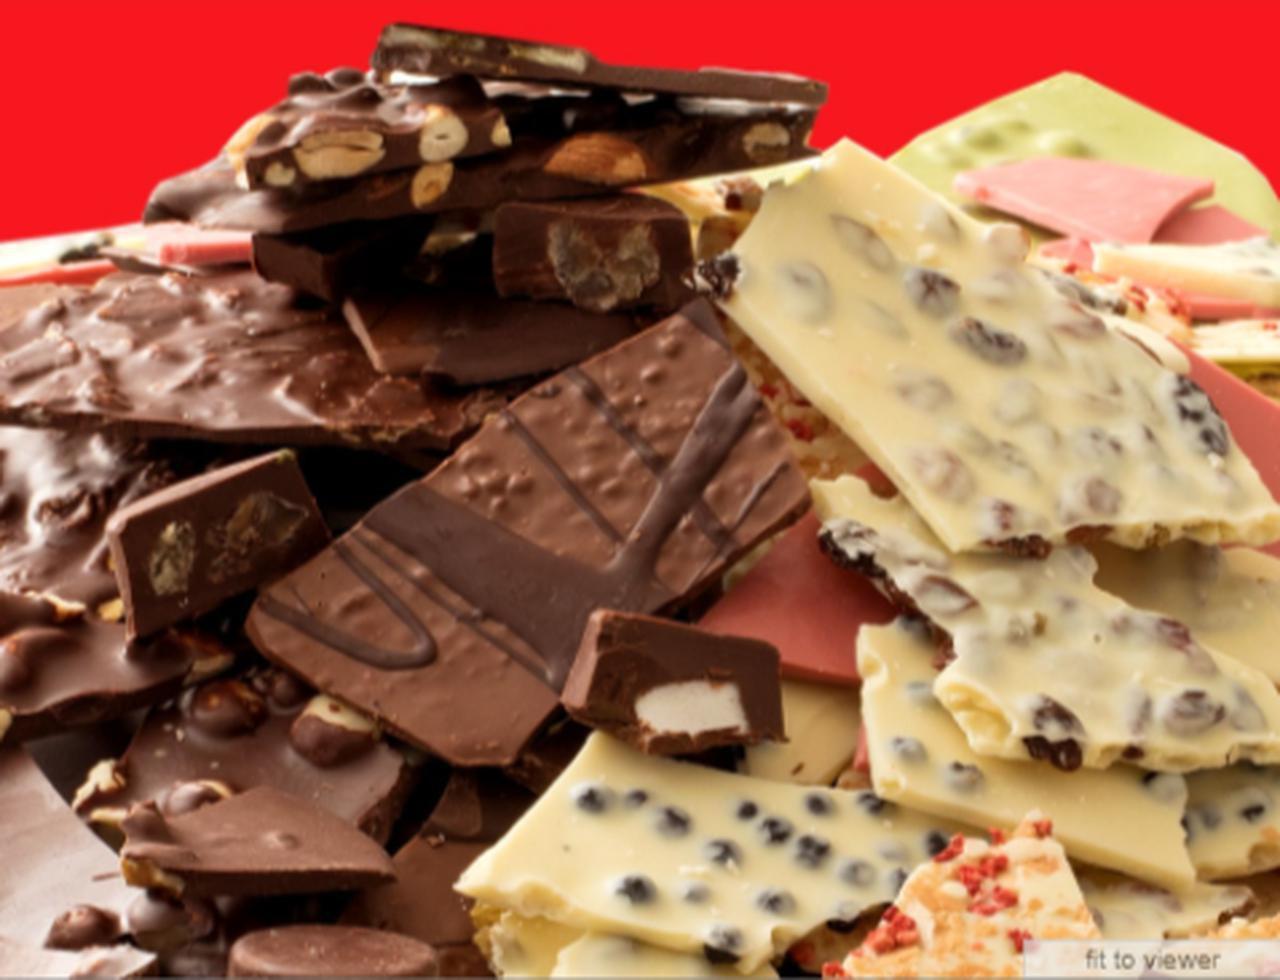 画像1: Qoo10「チョコレート」販売ランキング